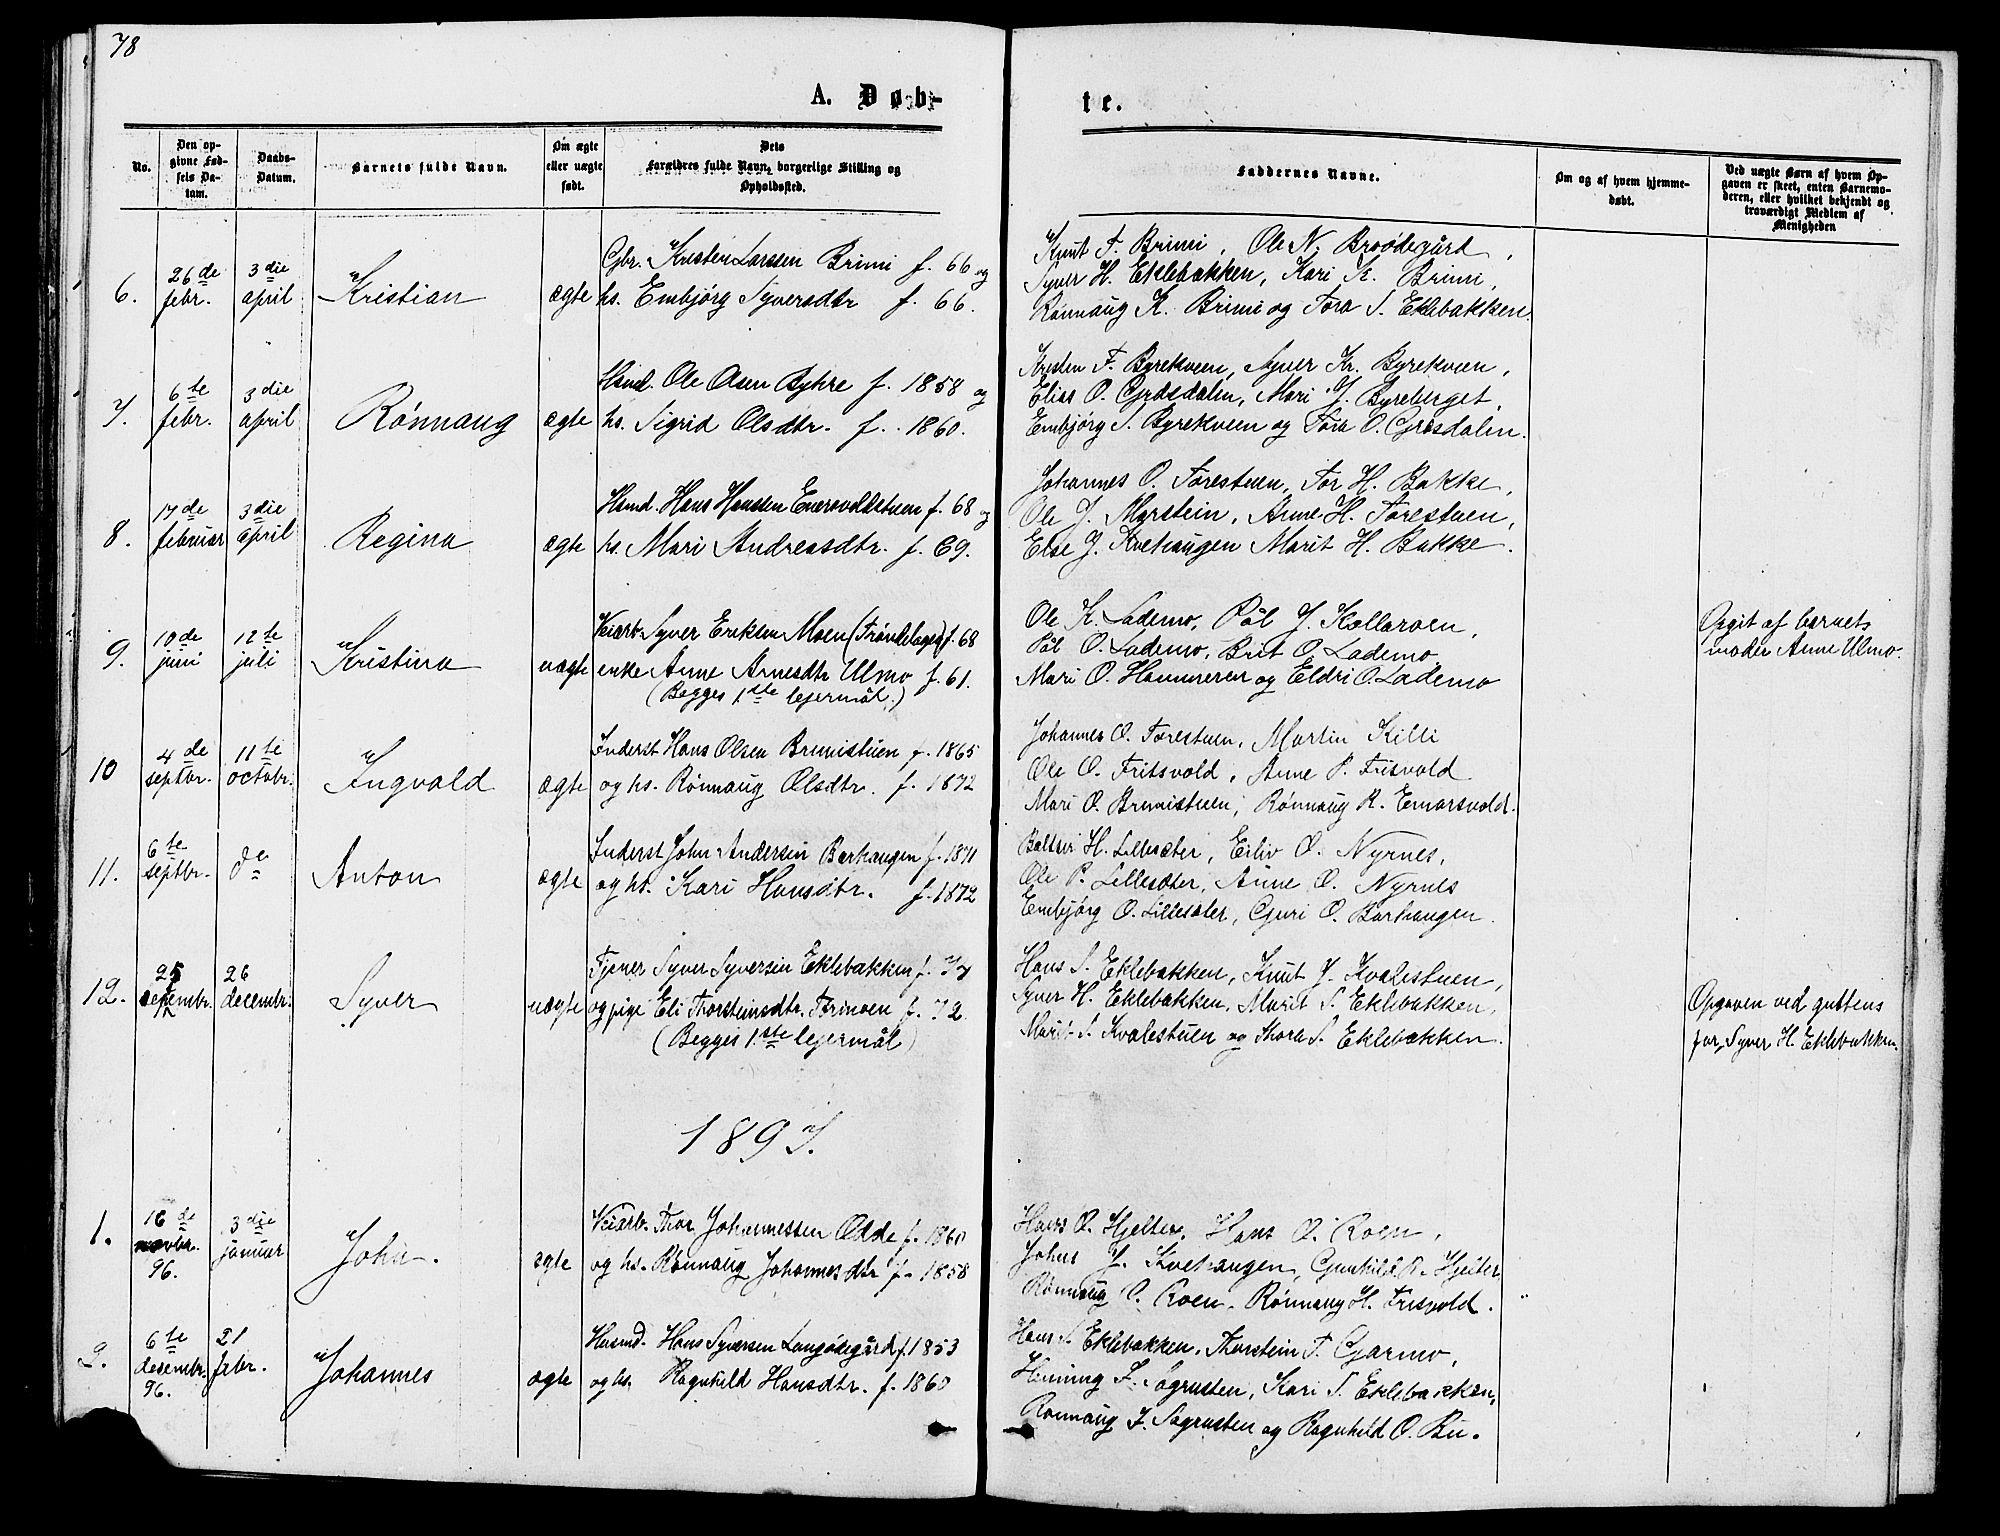 SAH, Lom prestekontor, L/L0005: Klokkerbok nr. 5, 1876-1901, s. 78-79